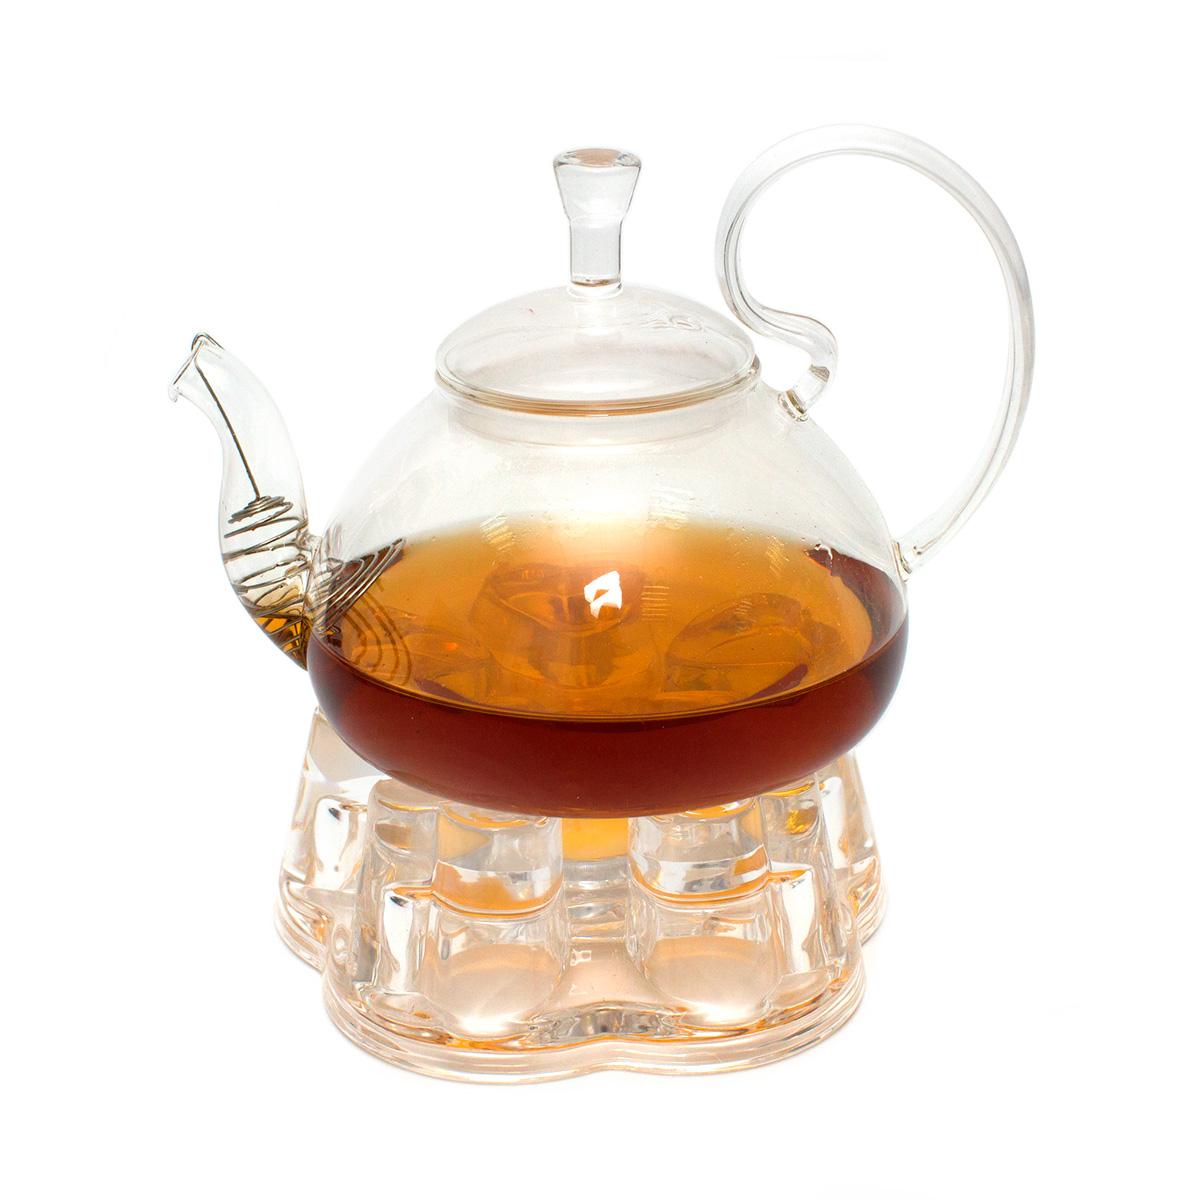 Набор: чайник Клюква 800 мл и подставка-подогреватель Агава